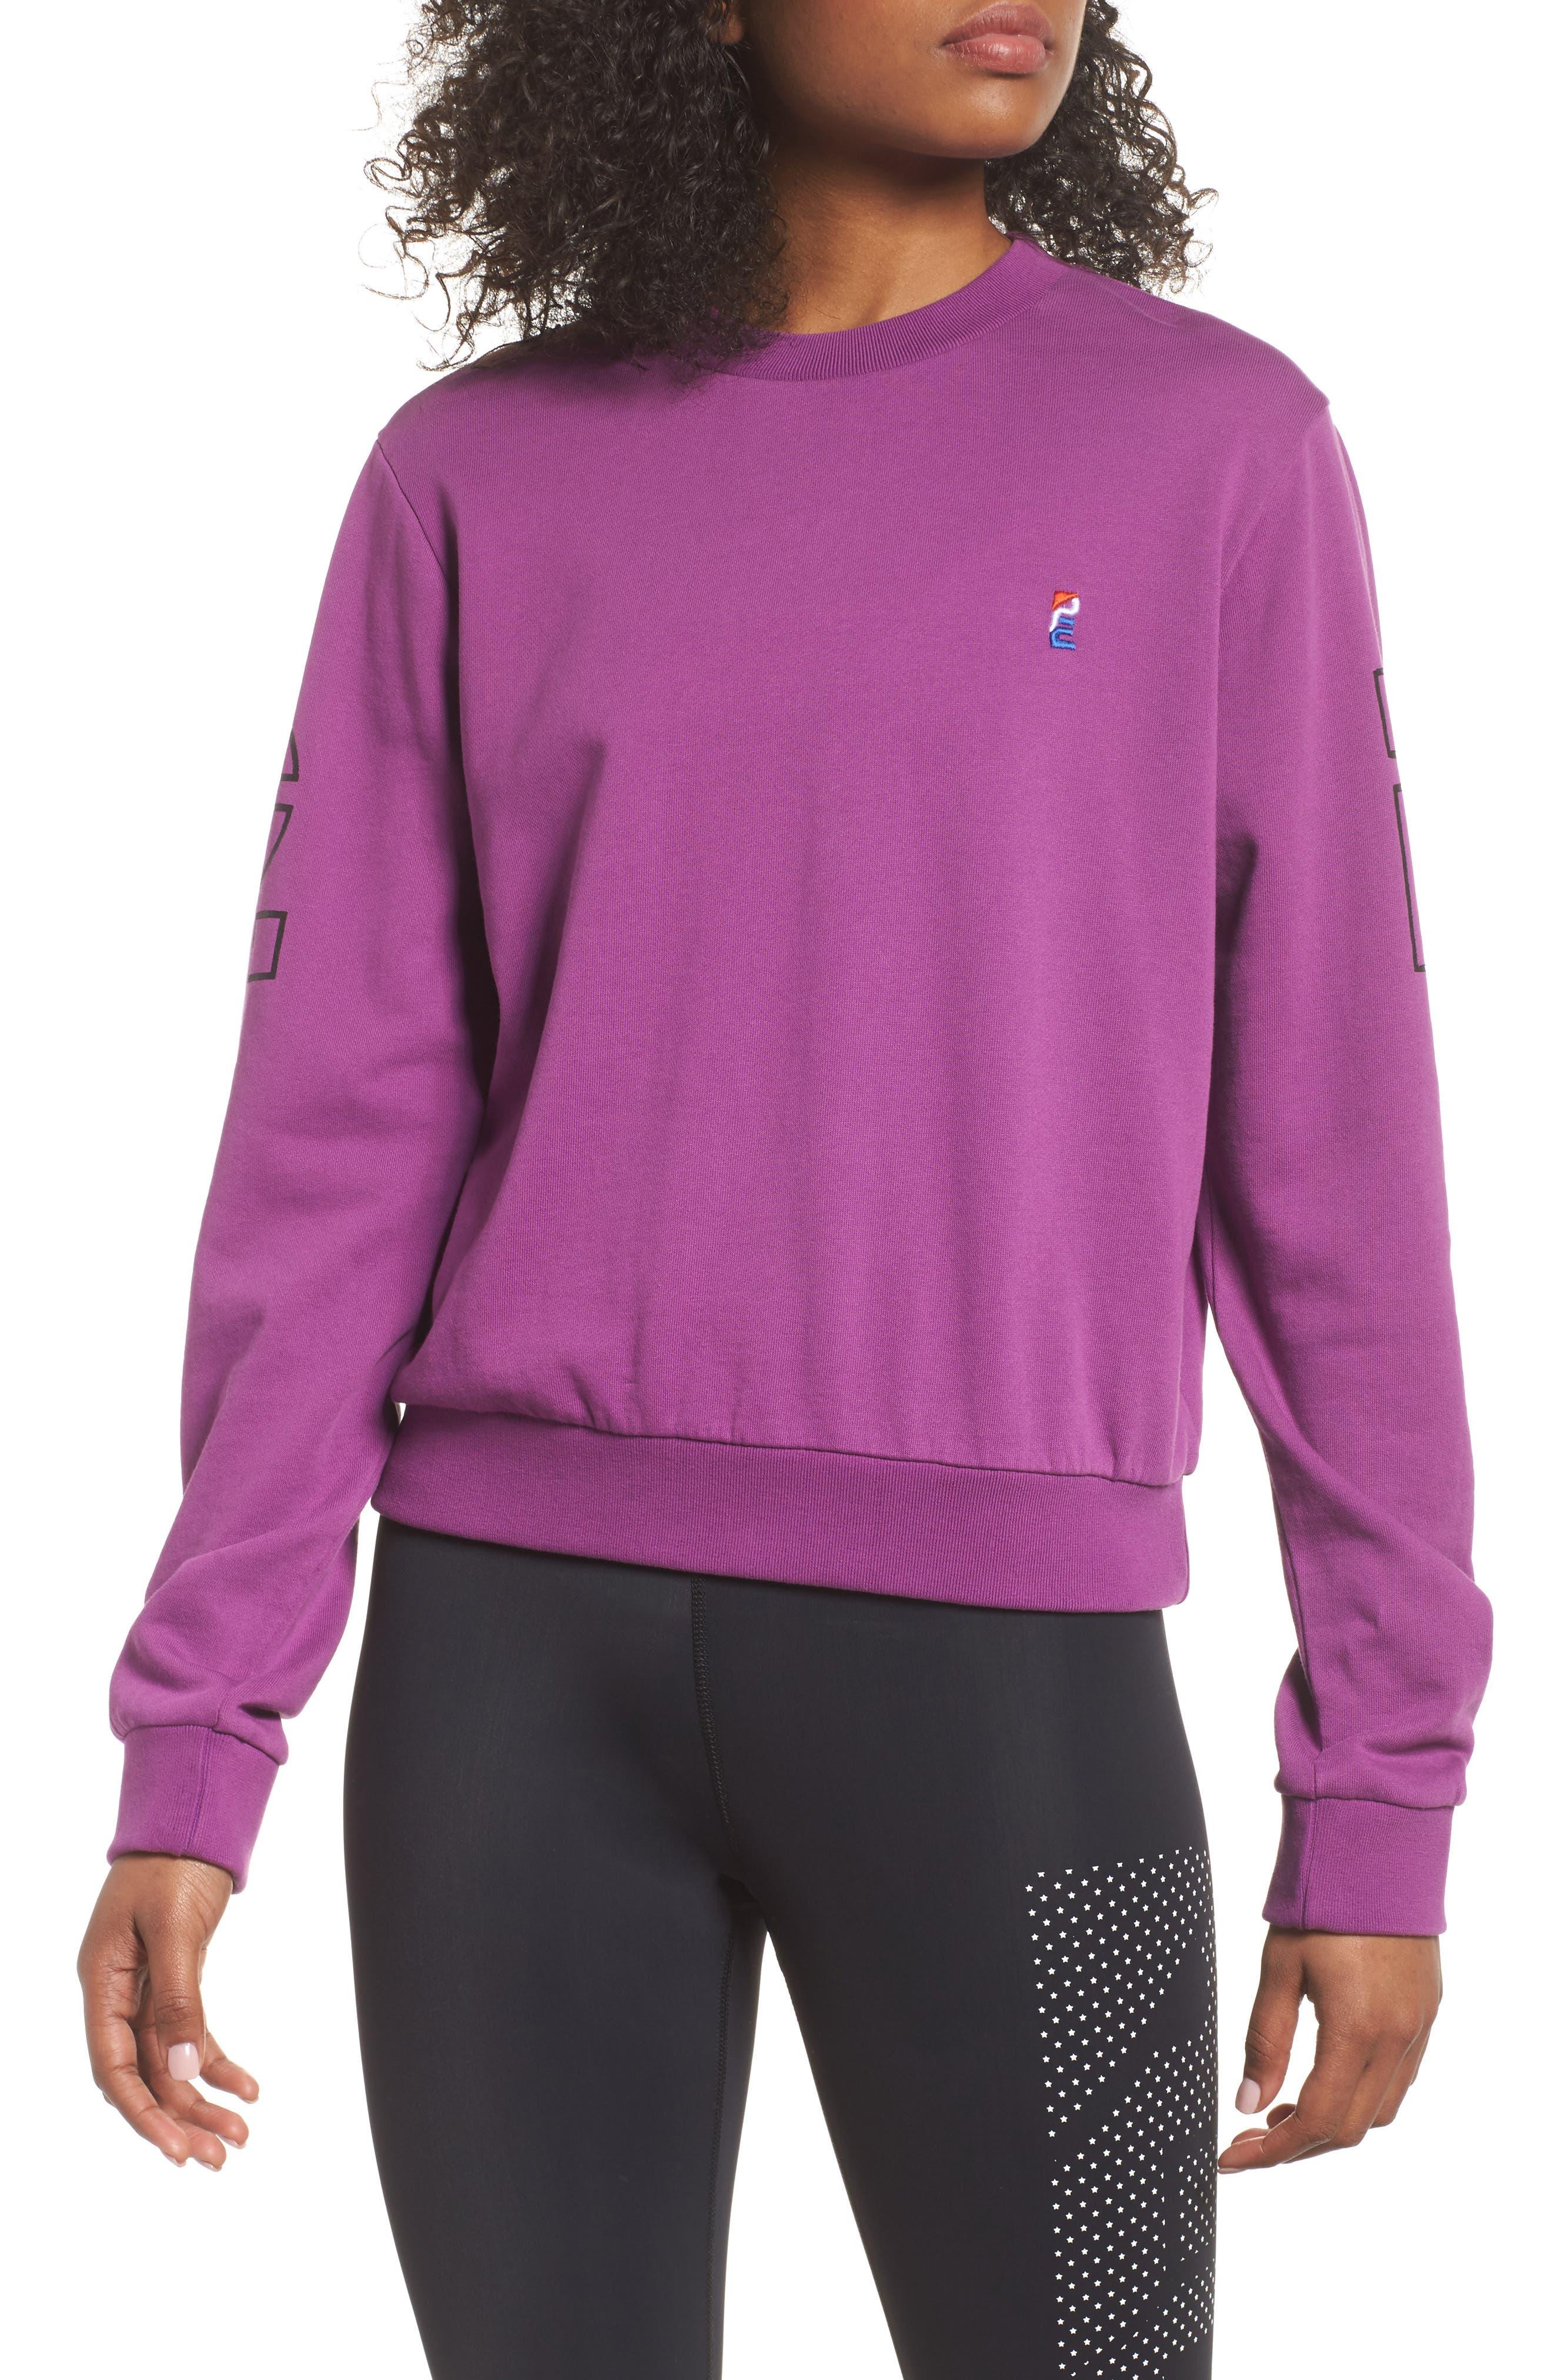 Moneyball Sweatshirt,                             Main thumbnail 1, color,                             Purm